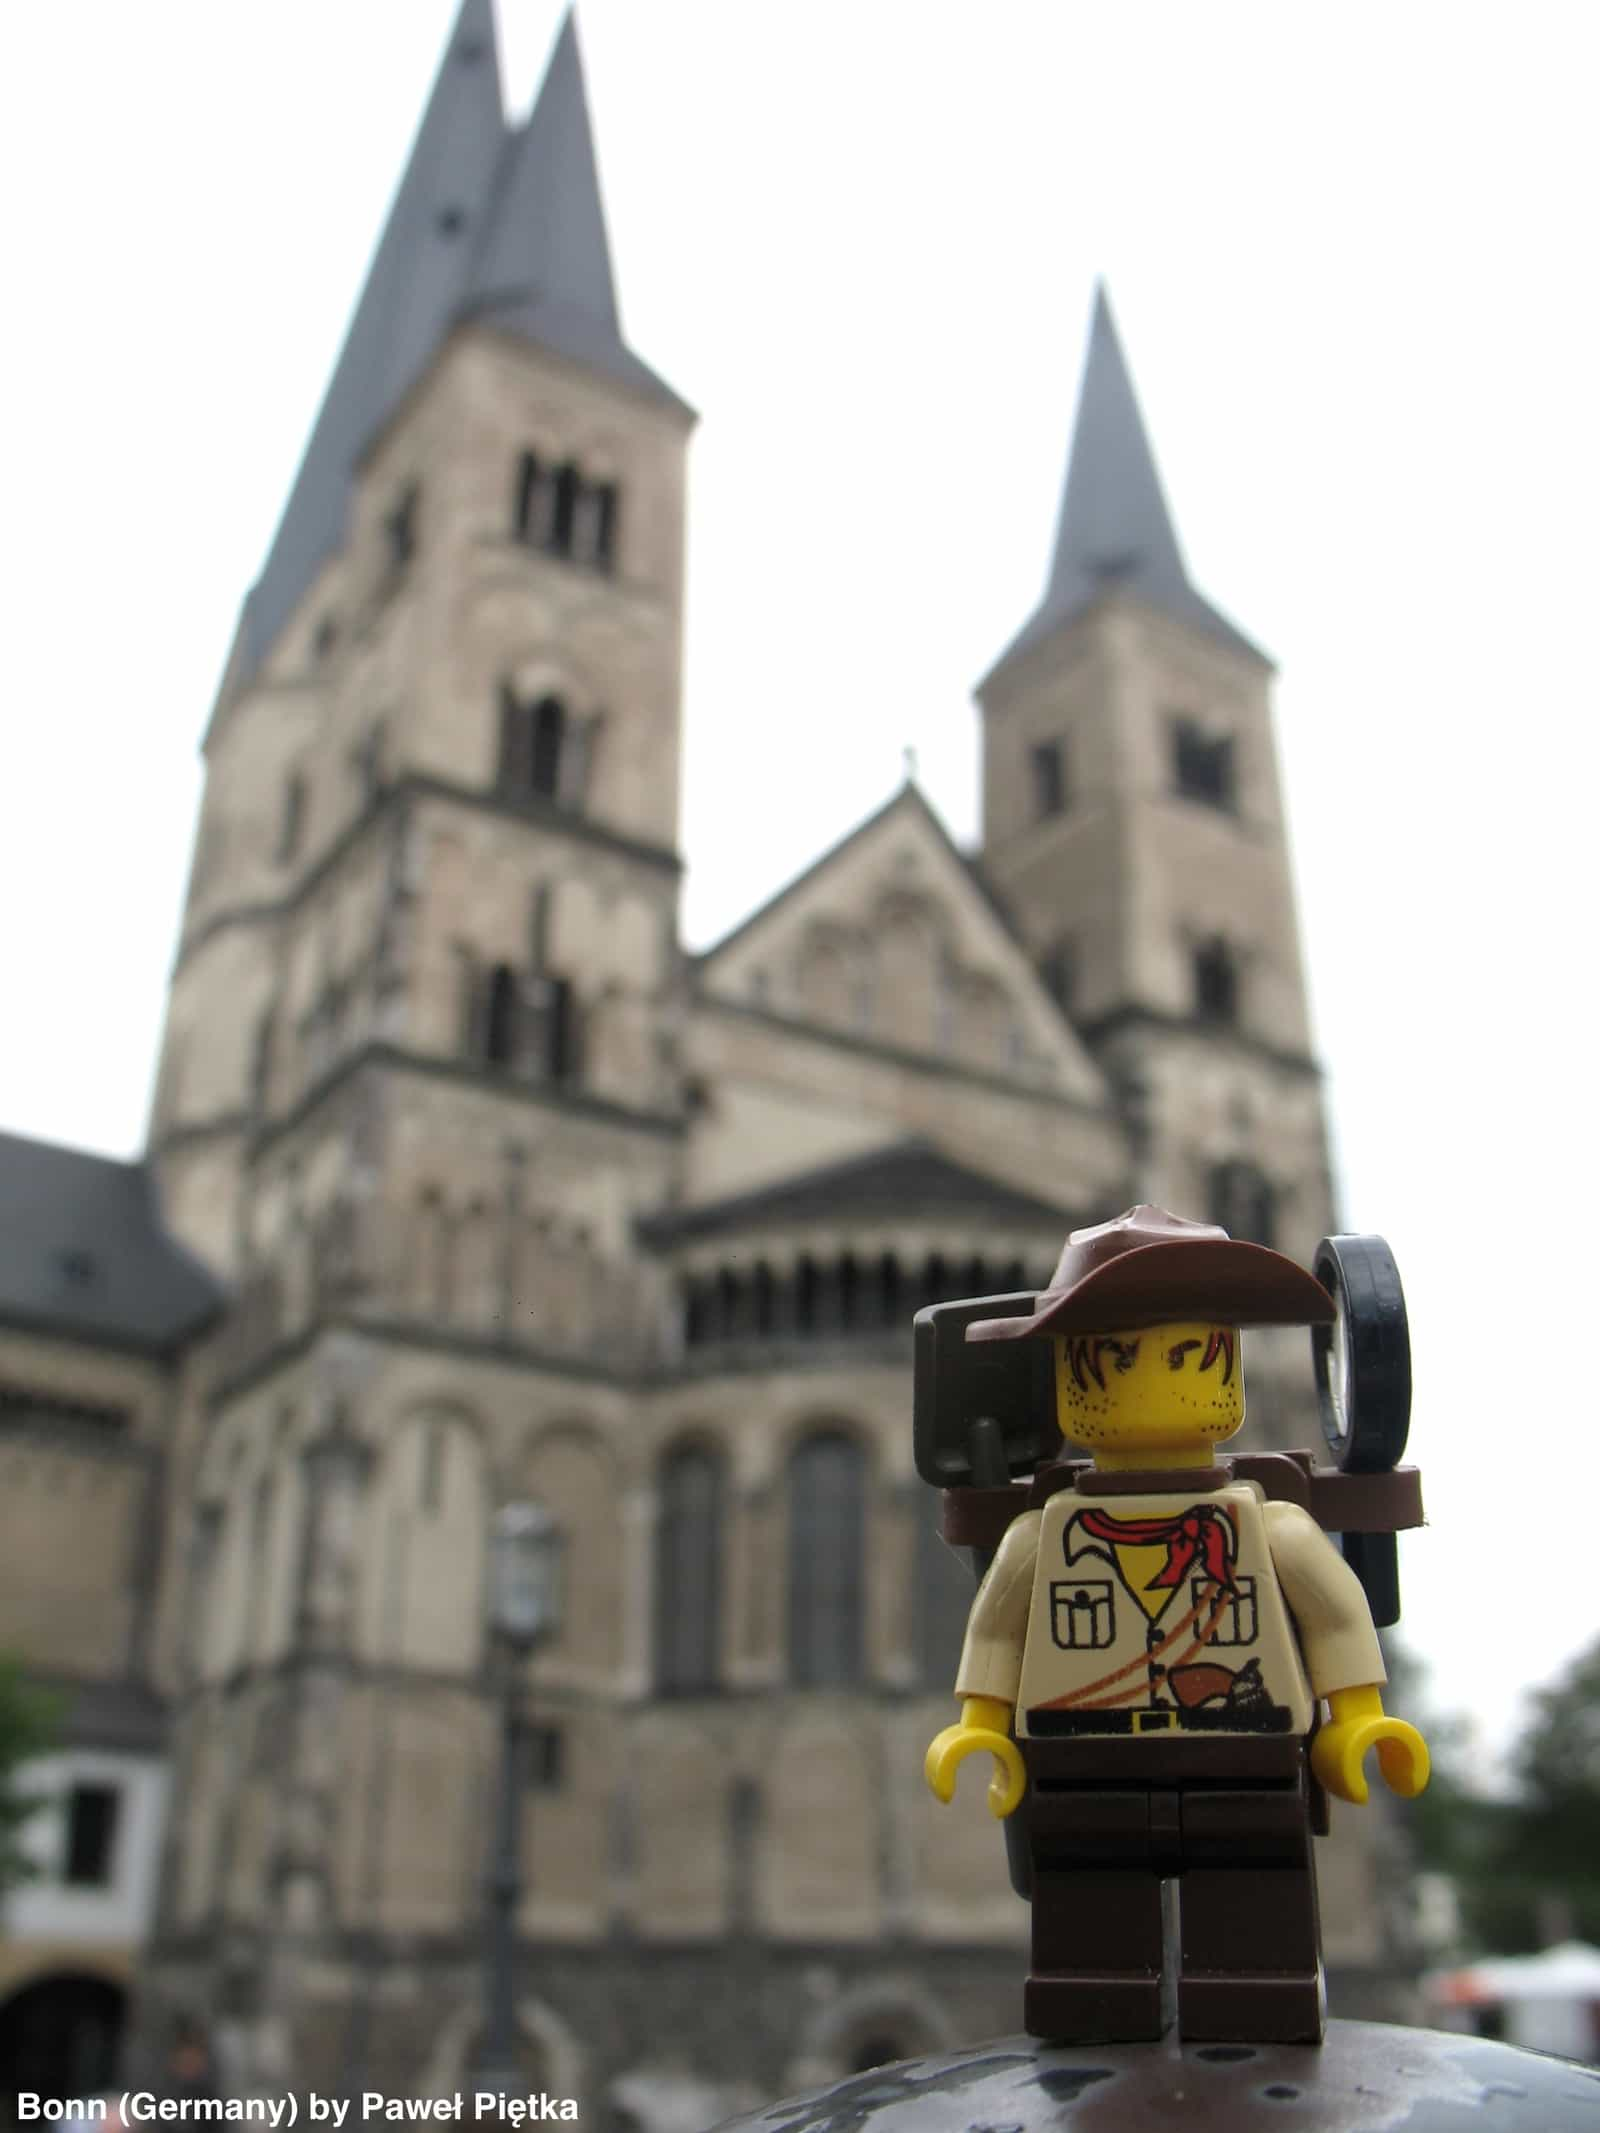 Bonn (Germany) - Bonn Minster